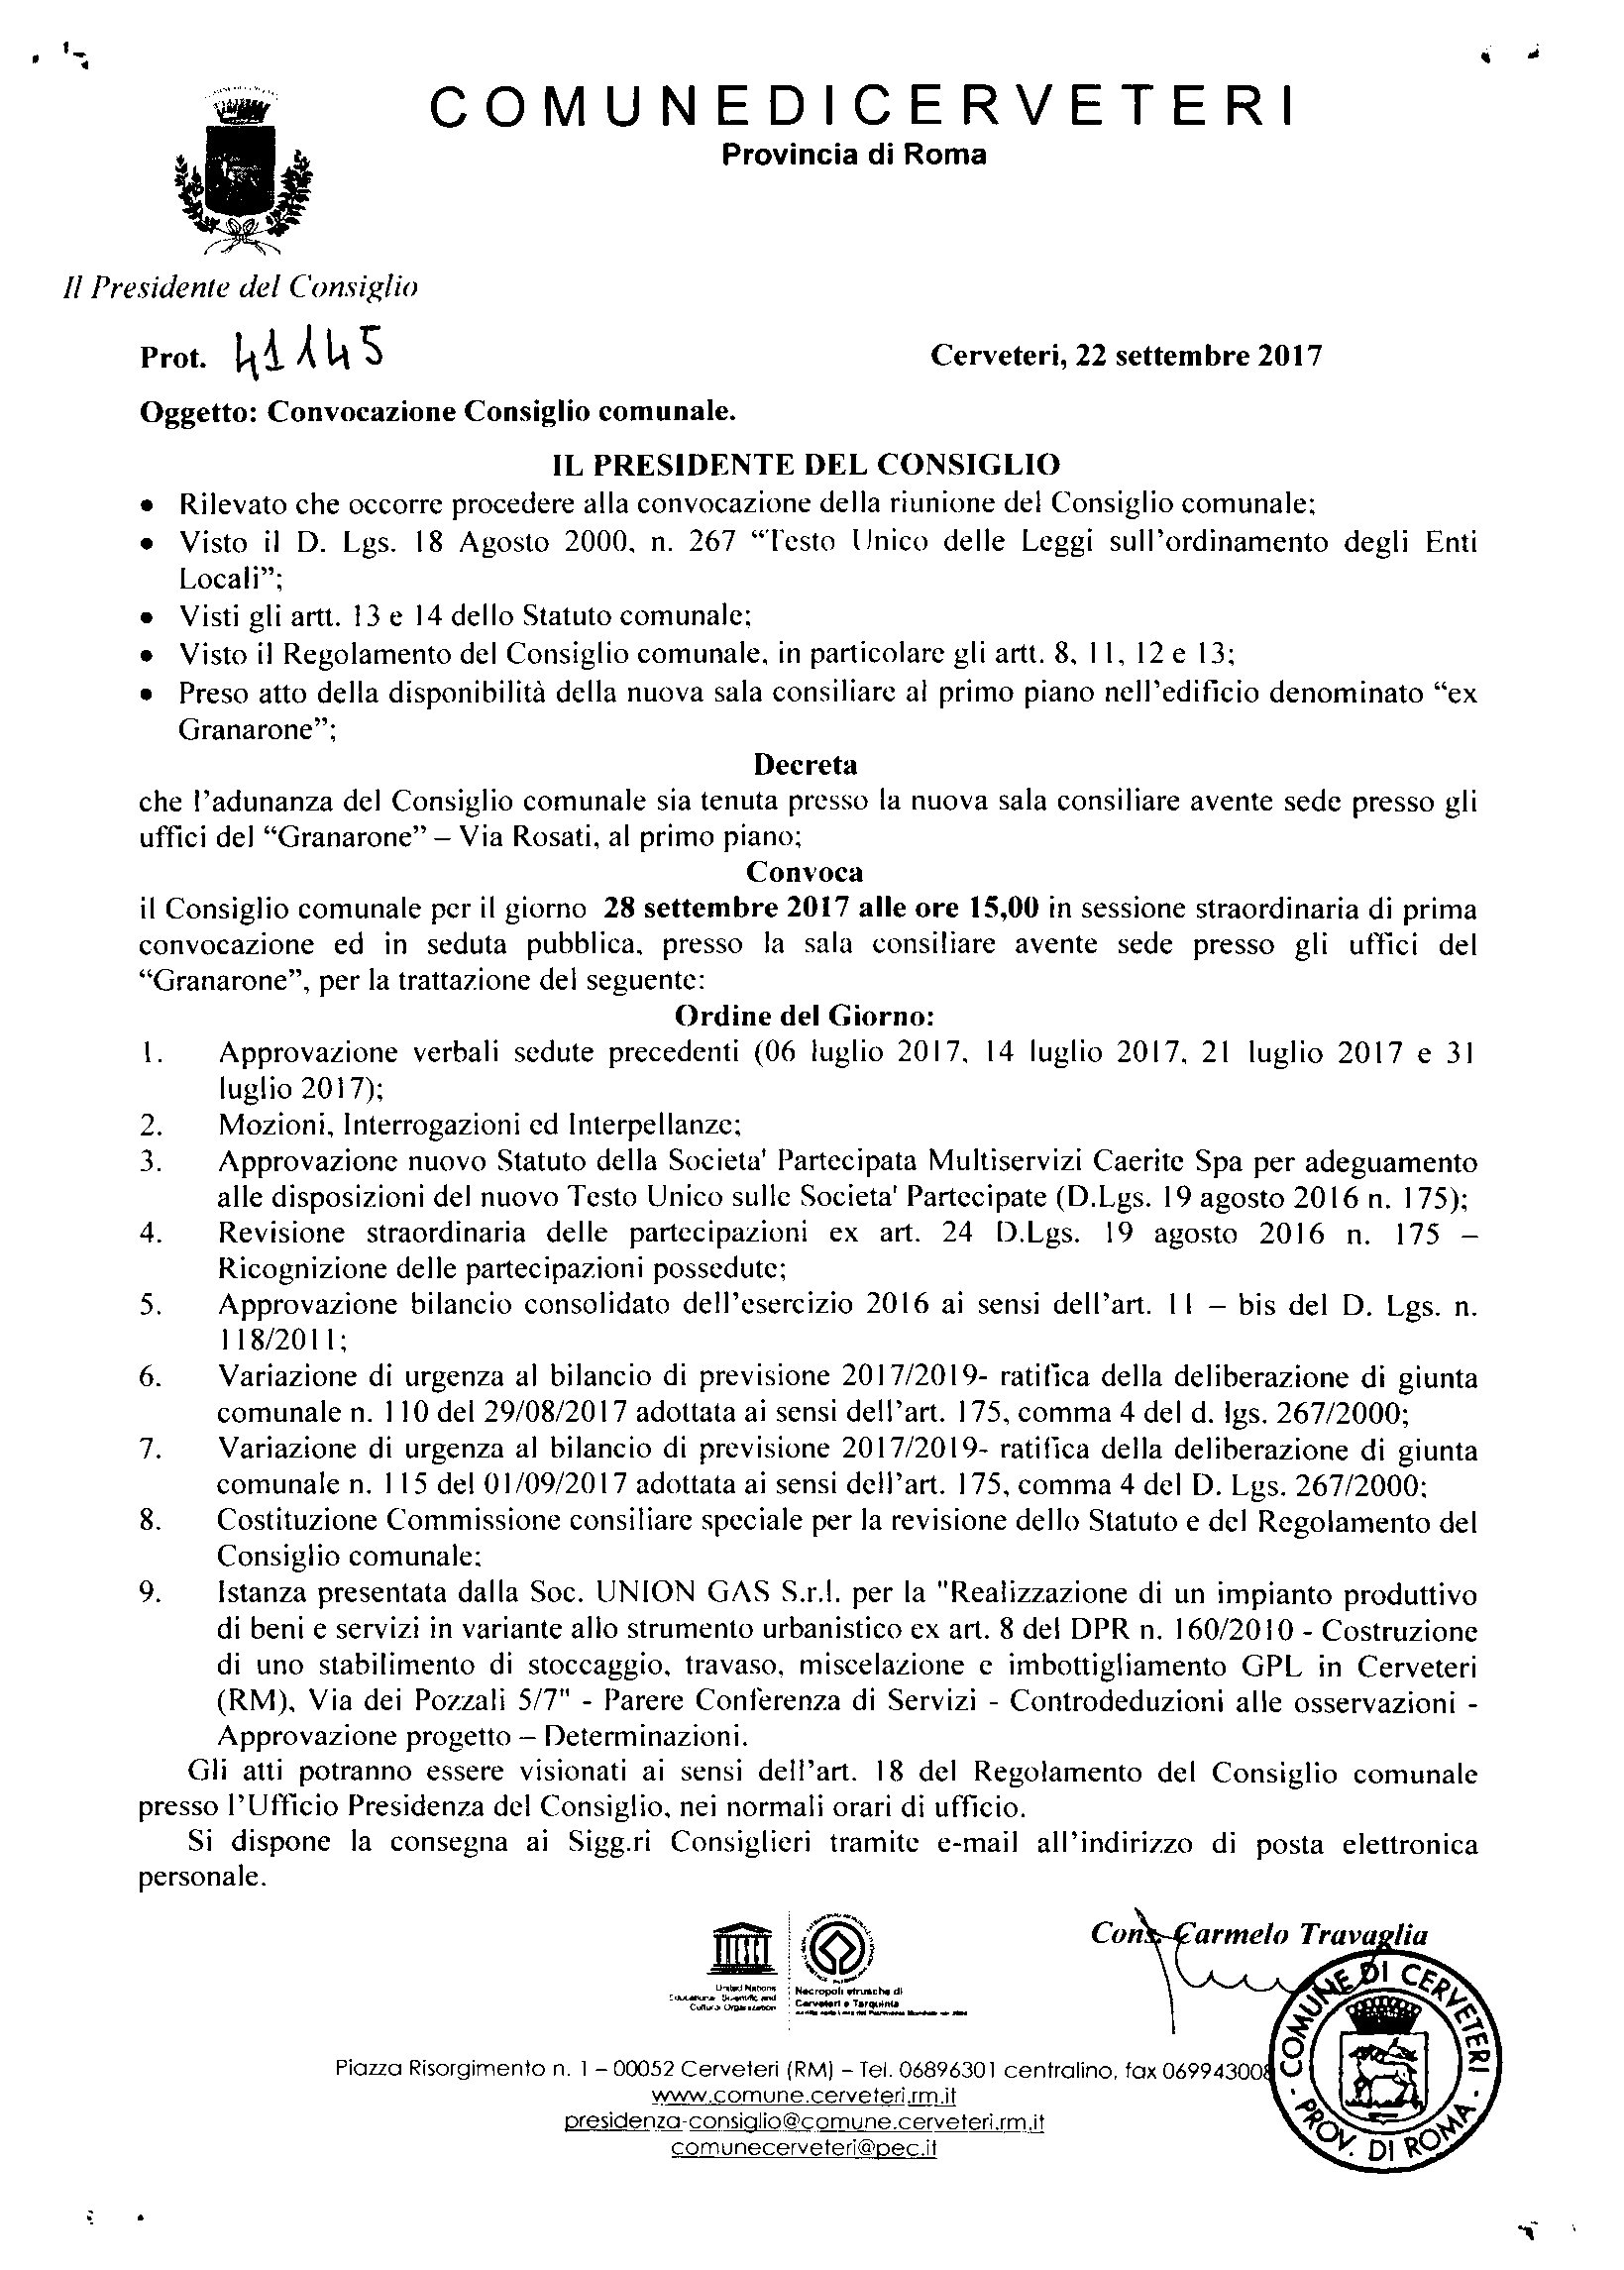 Convocazione Consiglio Comunale del 28/09/2017